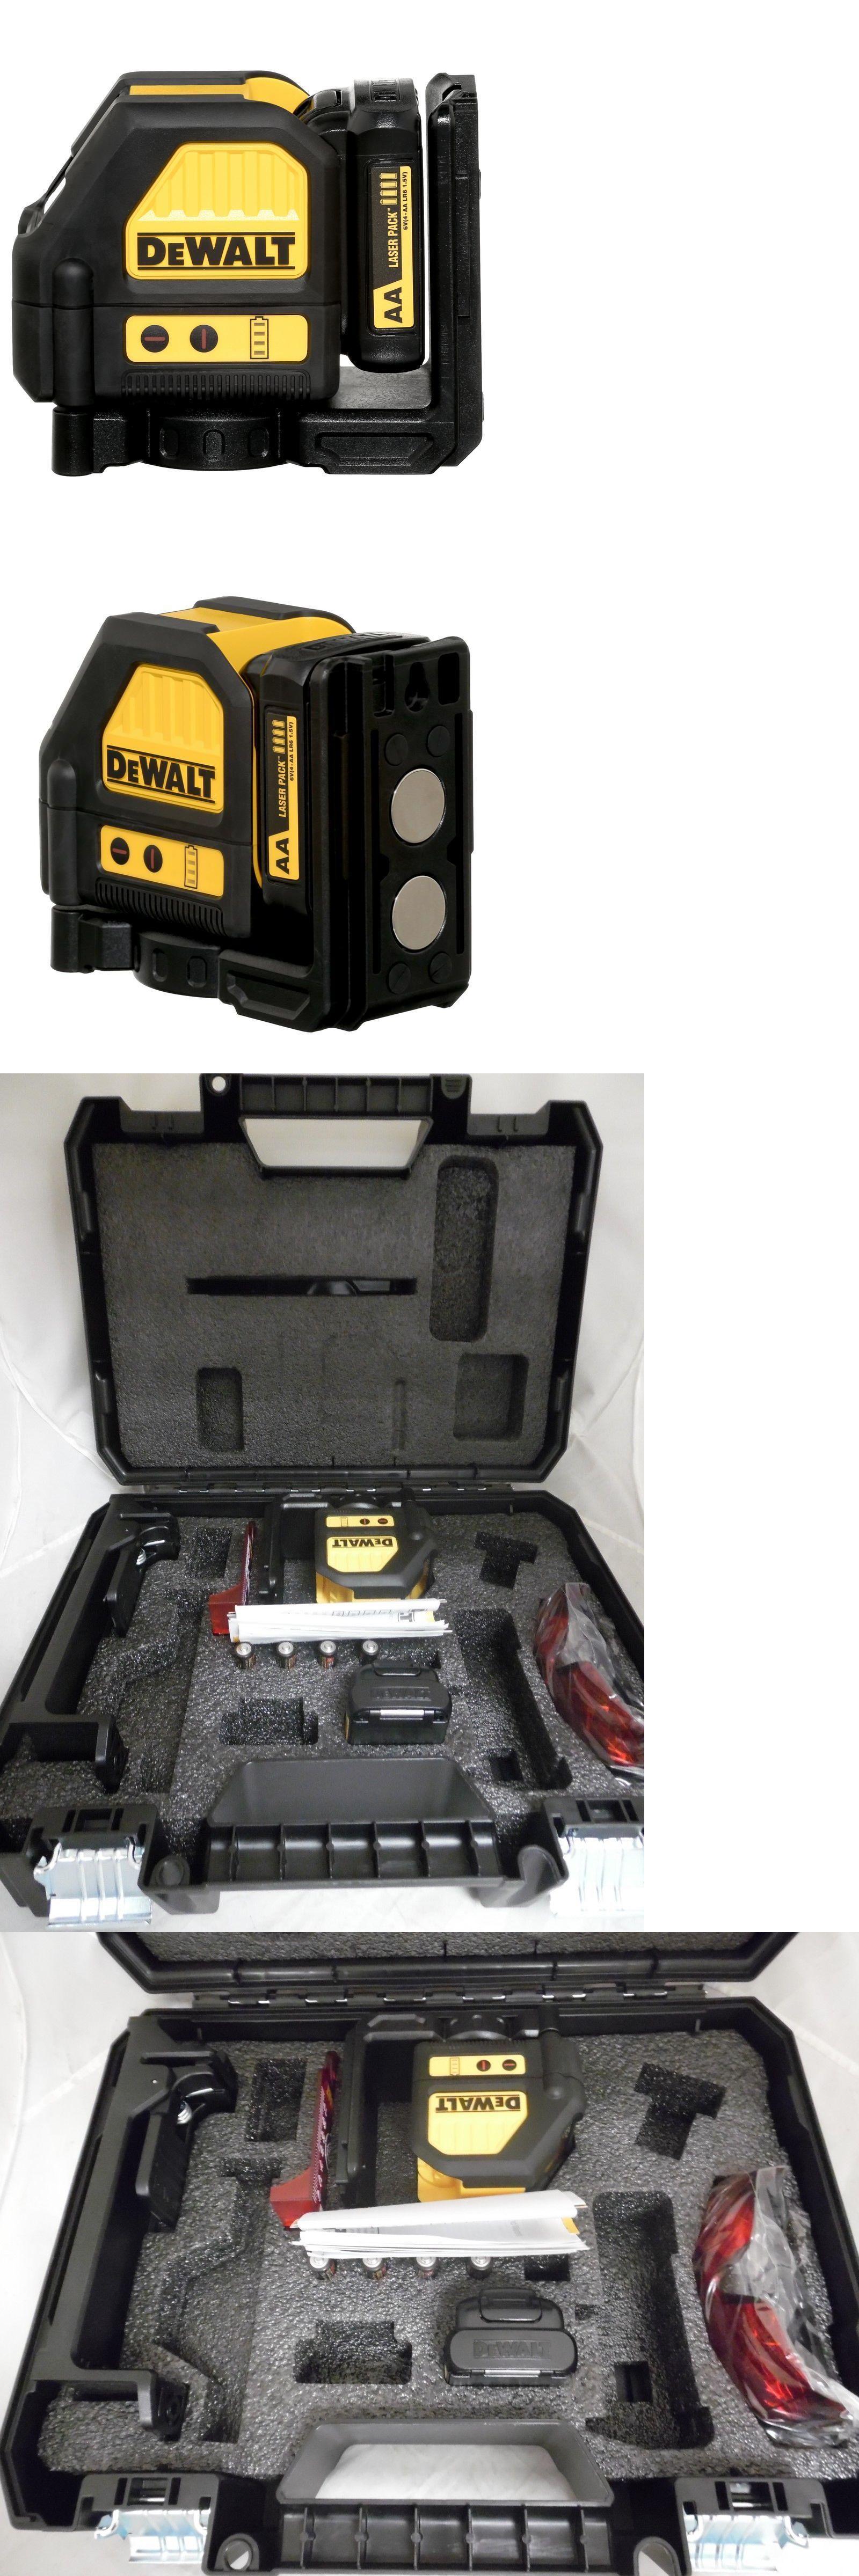 Laser Measuring Tools 126396 Dewalt Dw088lr 12v Cross Line Laser Red Buy It Now Only 159 99 On Ebay Laser Measuring Dewalt Measuring Tools Red Cross